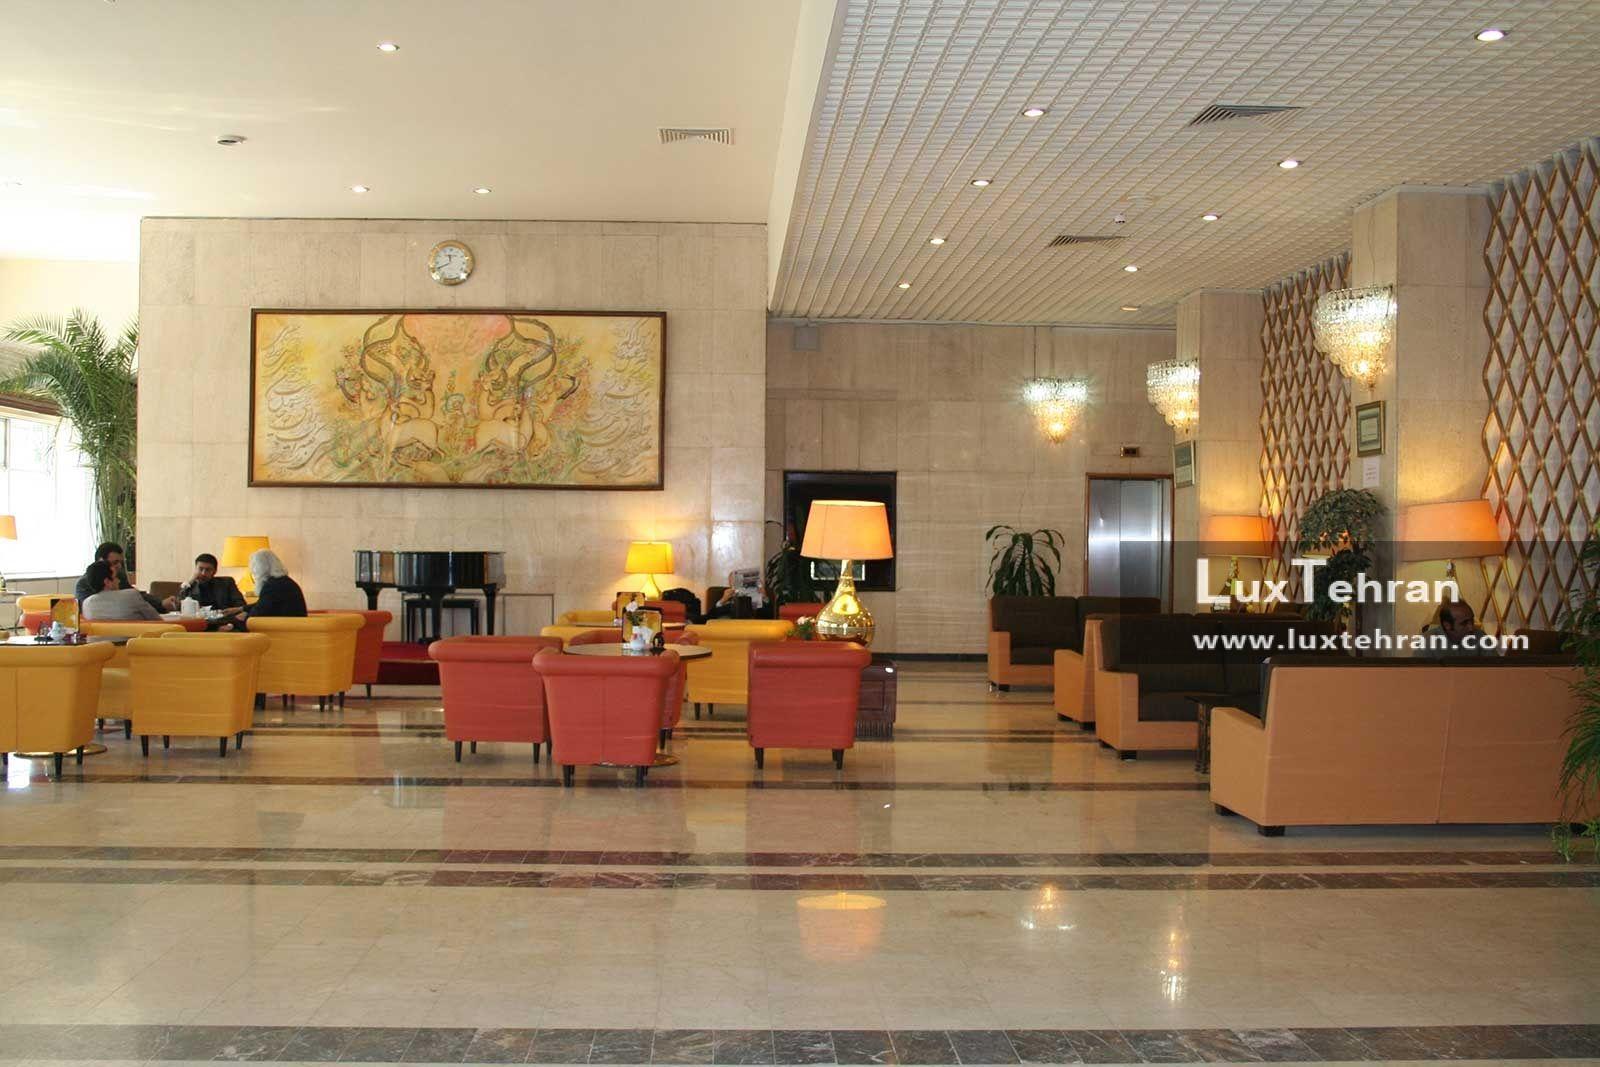 تصویری از کافی شاپ هتل بین المللی پارسیان استقلال تهران که با مبلمان ایتال فوم تزیین شده است